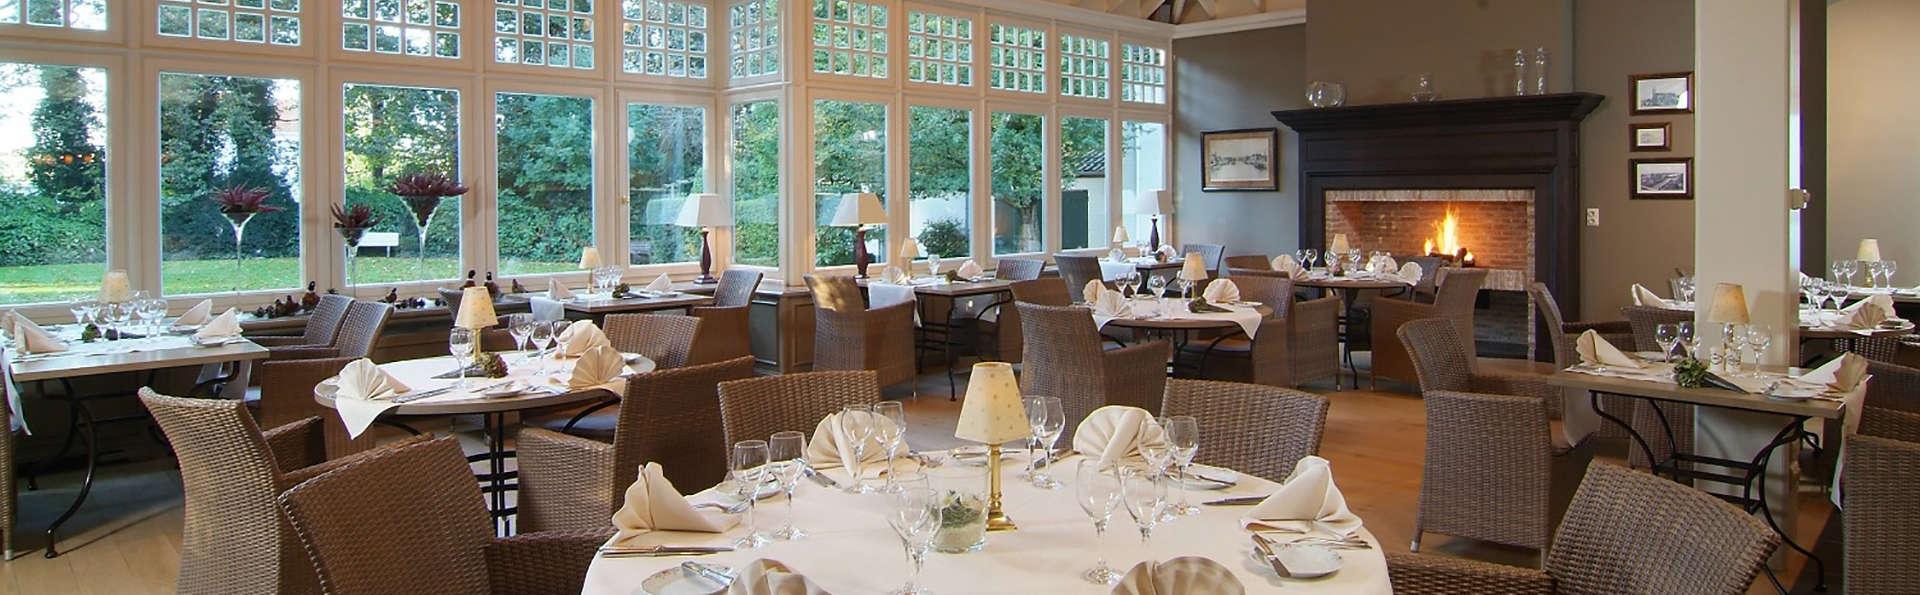 Week-end avec dîner dans la région de Gand